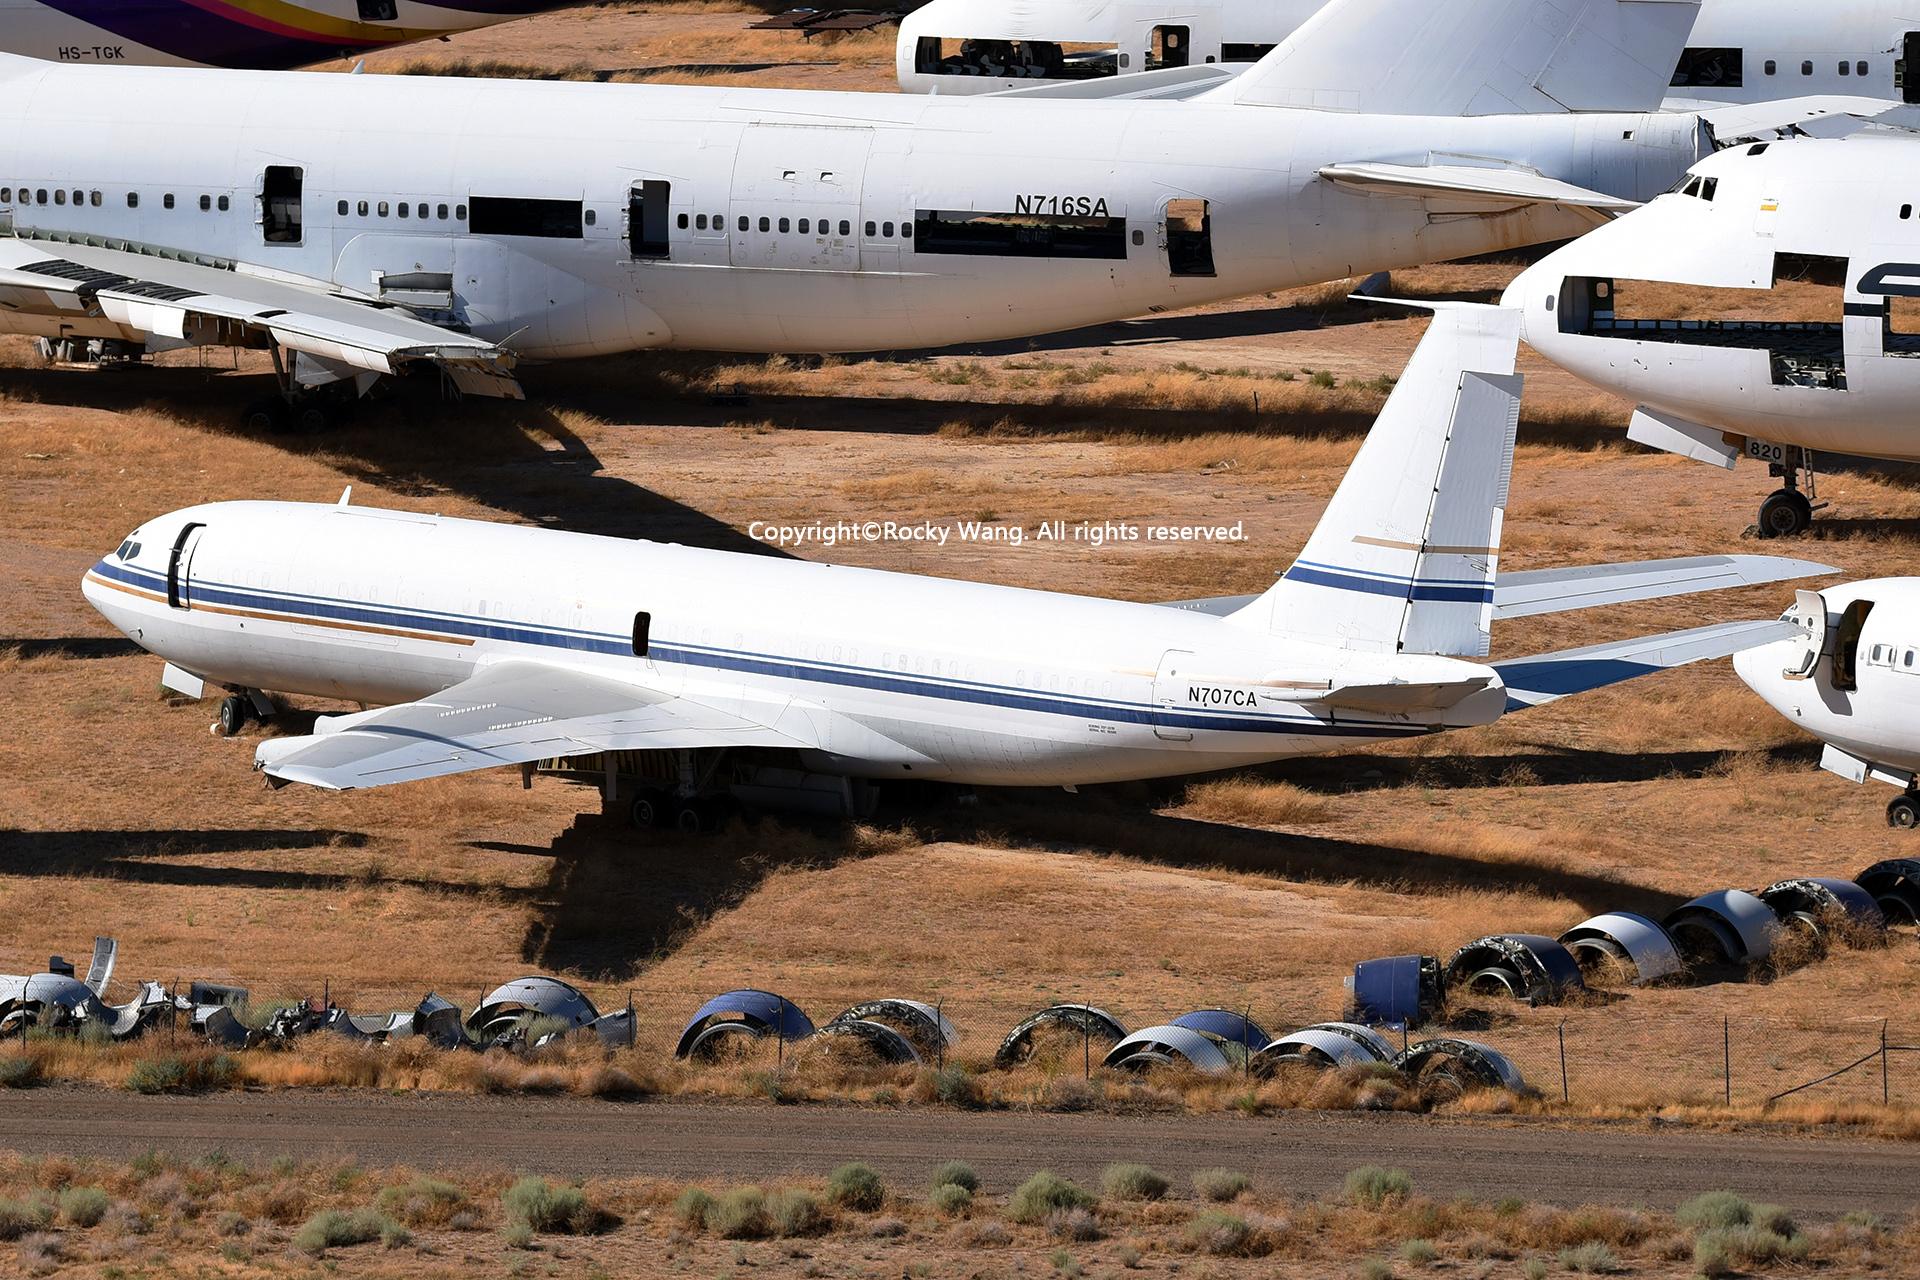 Re:[原创]沙漠29图+彩蛋 BOEING 707-351B N707CA Mojave Airport